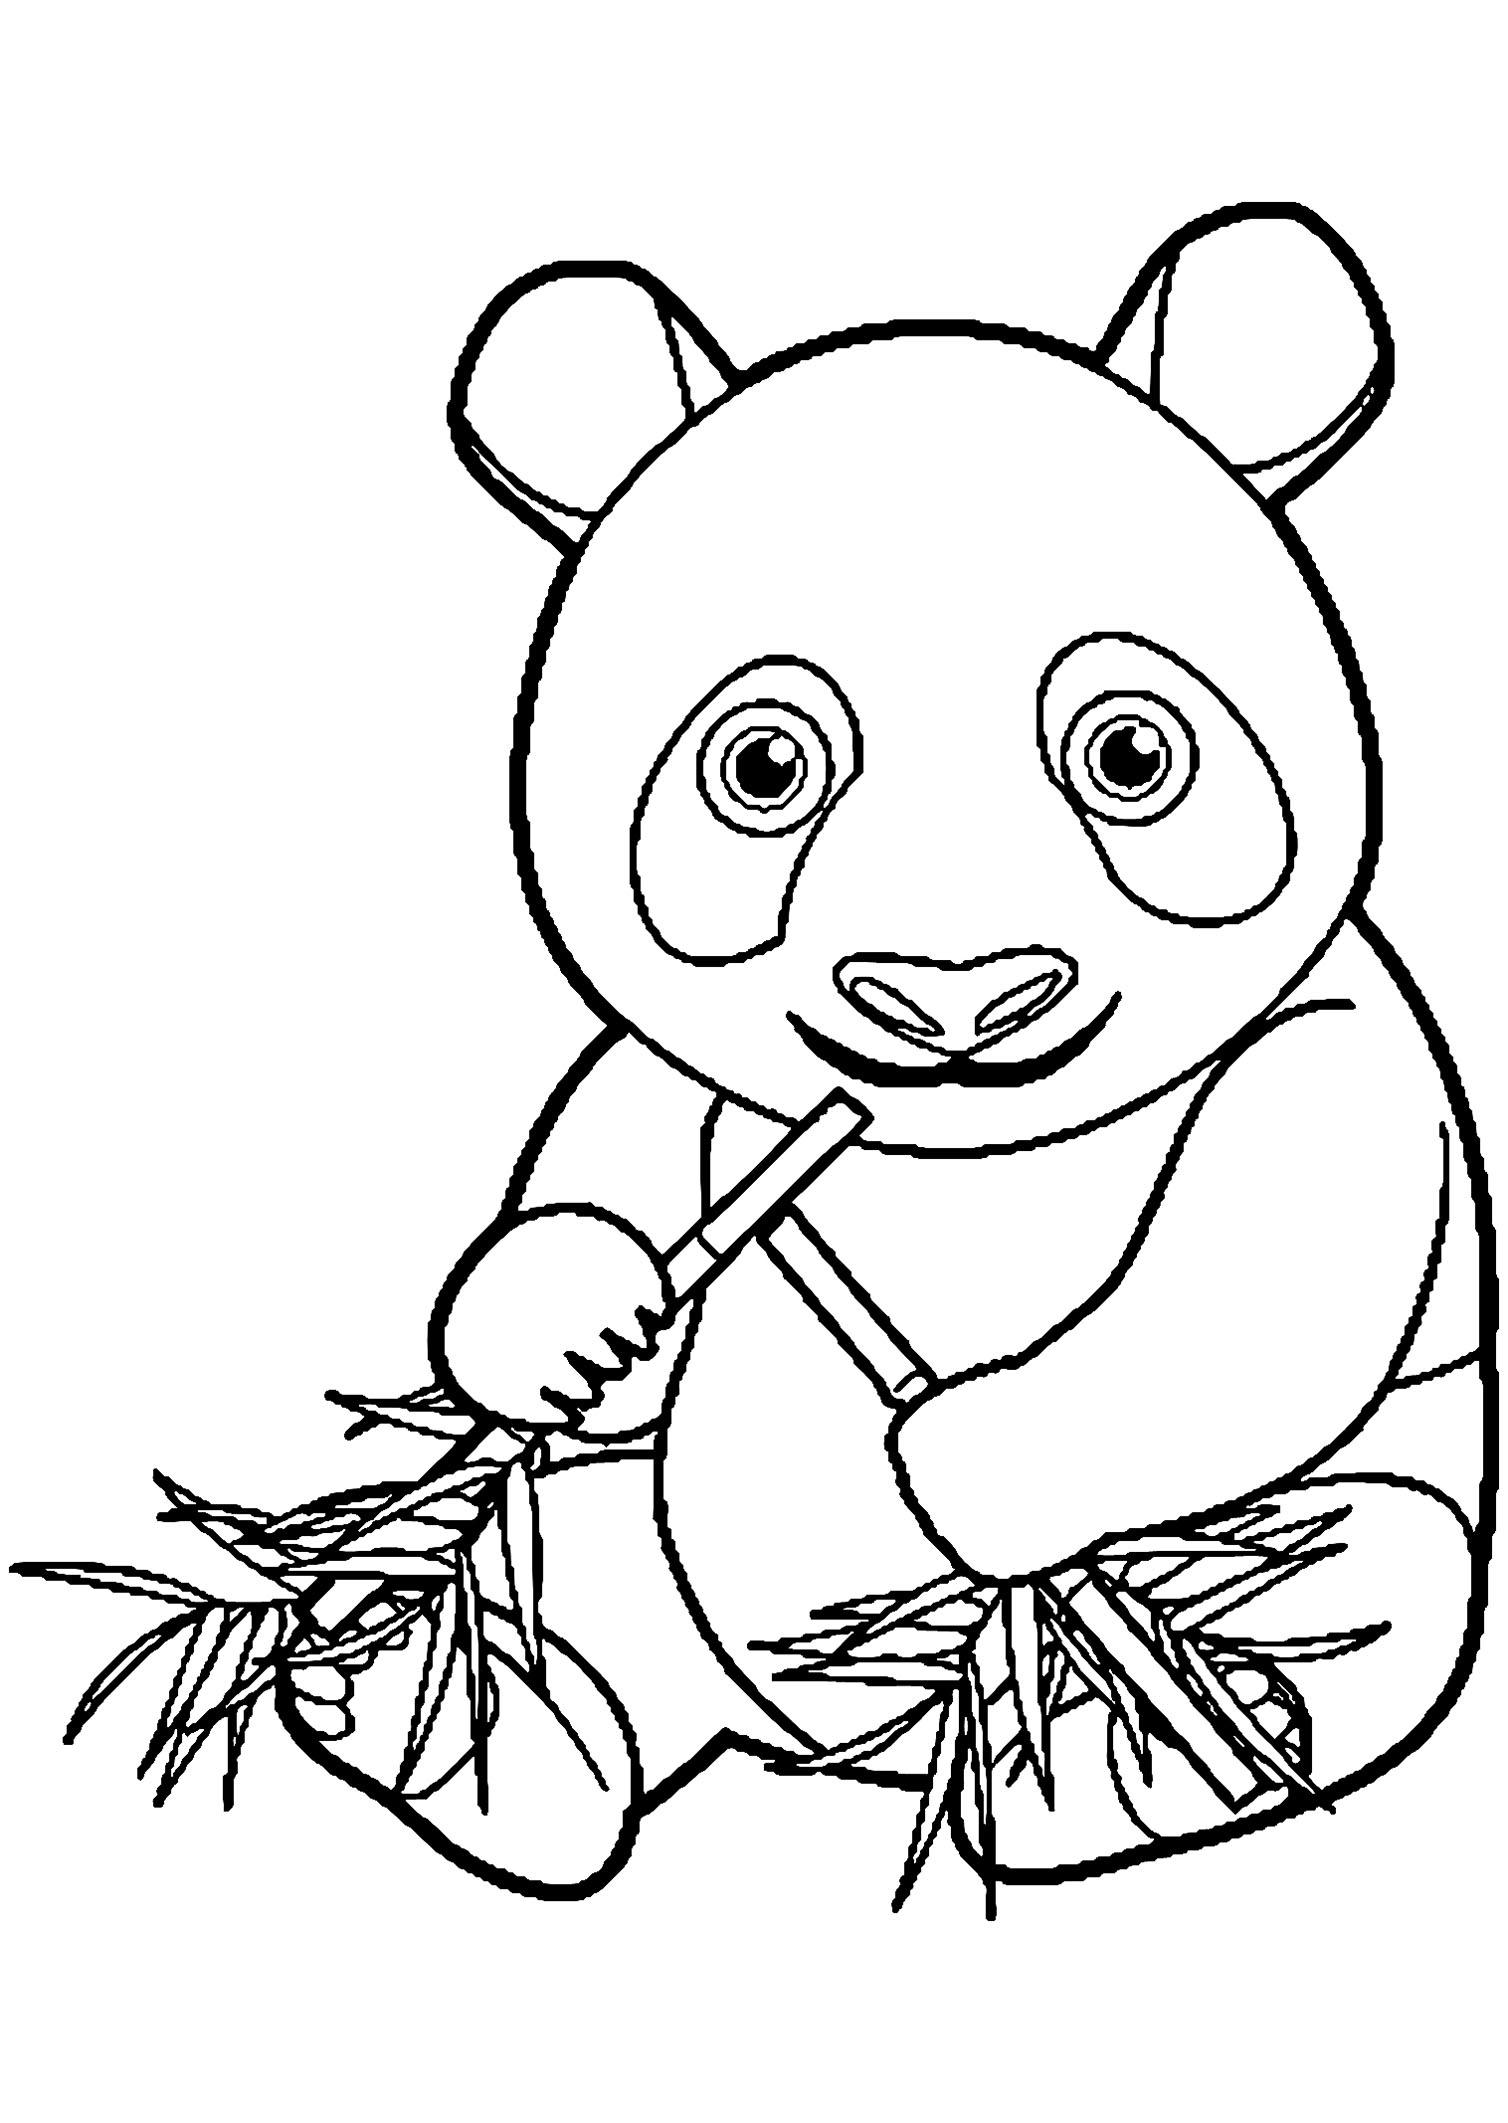 Coloriage Panda 30 Dessins De Imprimer #14795 Tout Panda A destiné Panda À Colorier